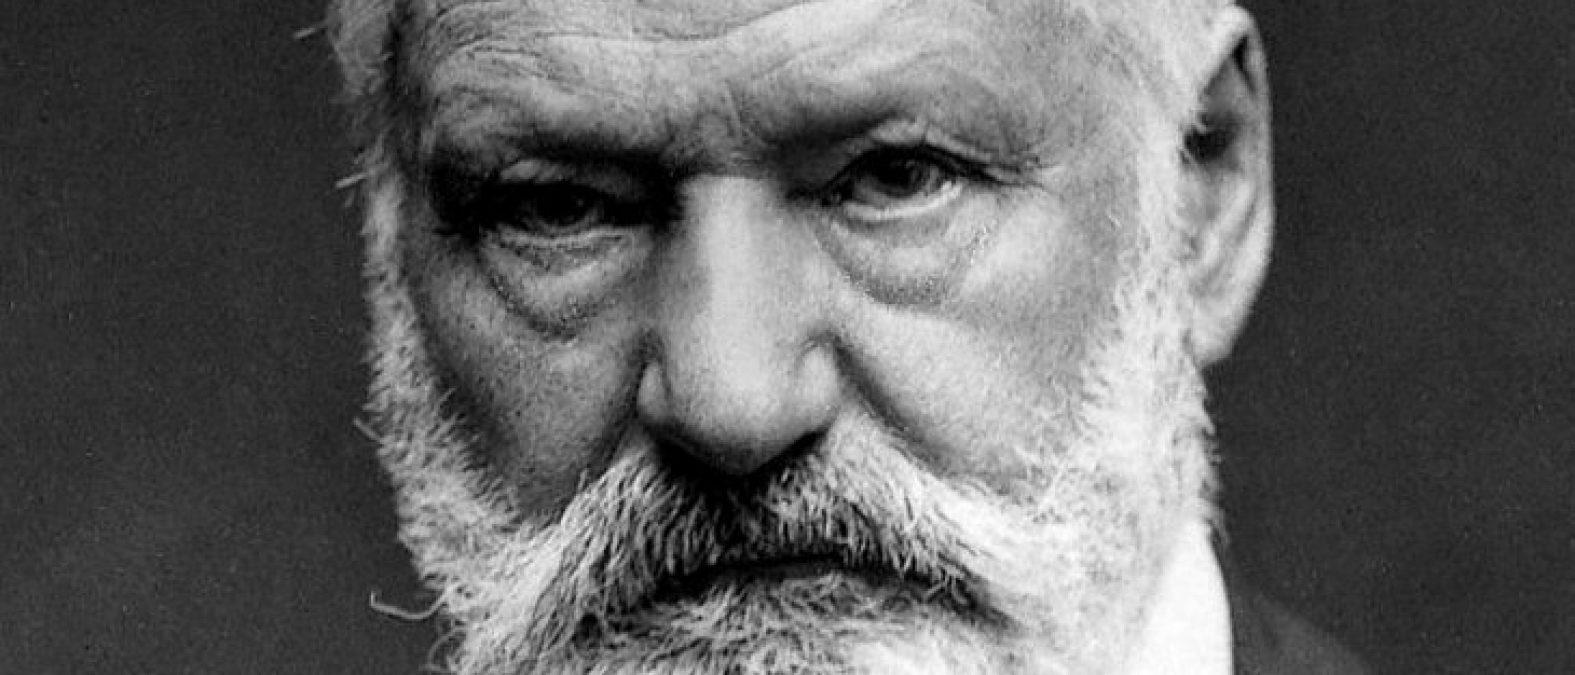 Victor Hugo o il più grande tra i Miserabili